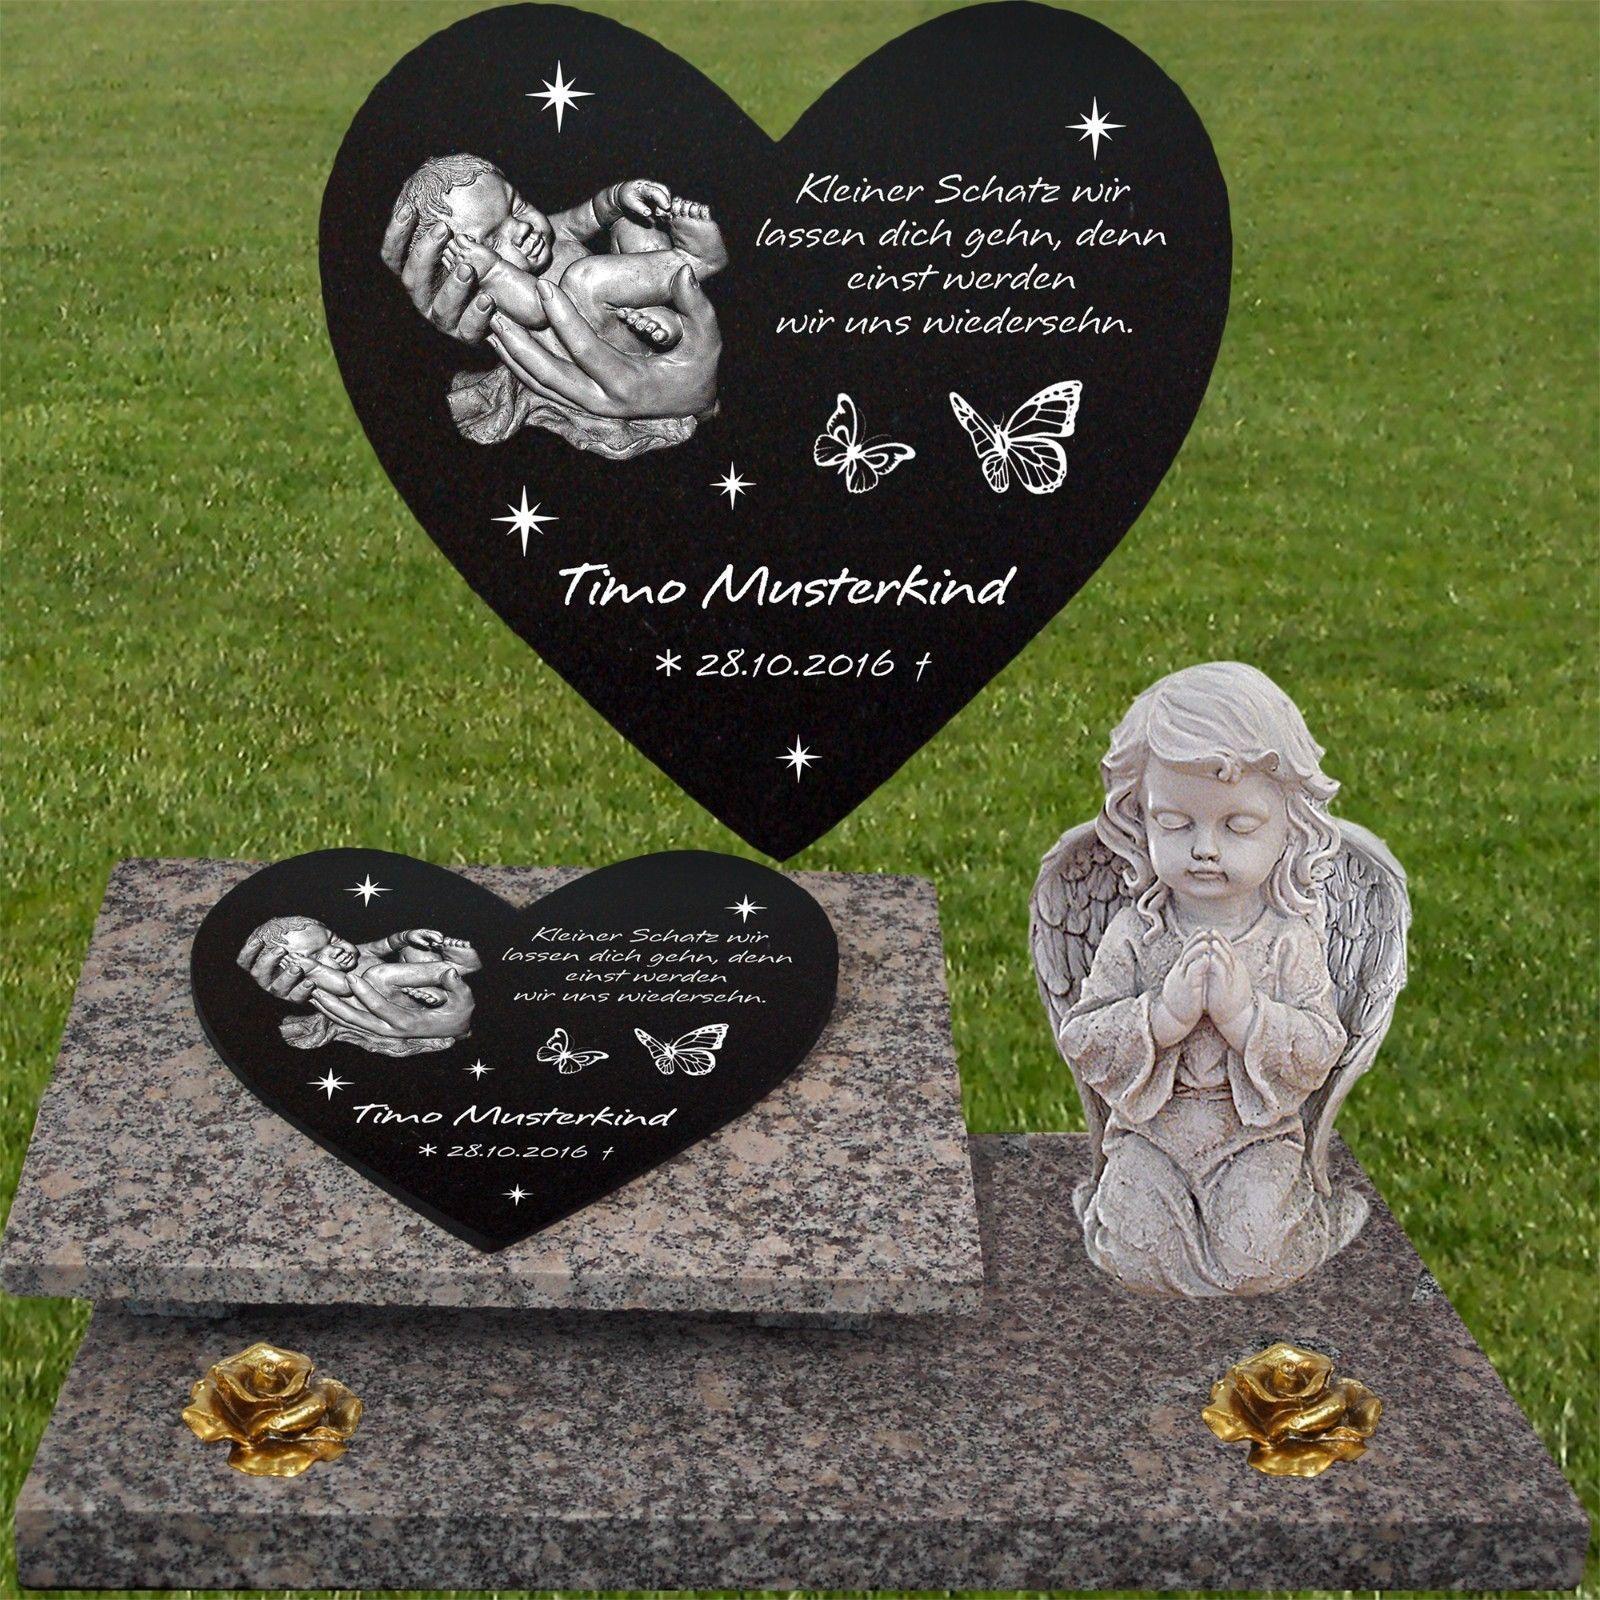 Grabstein Grabplatte Grabmal  Gedenkstein Motiv Text  ca.60x40 cm Granit Gravur